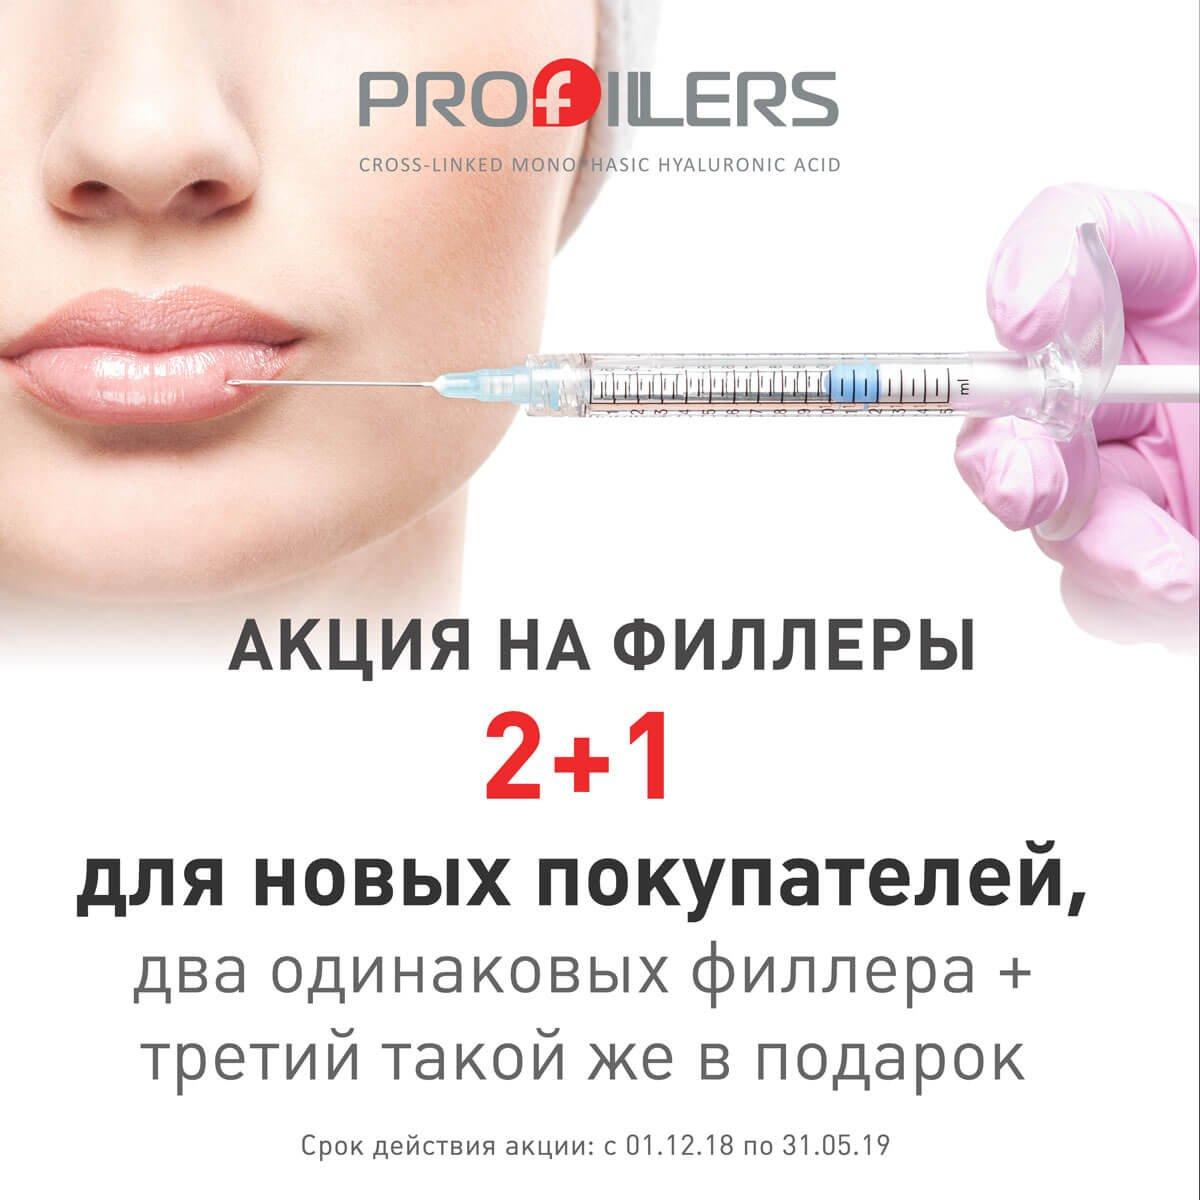 profillers-akcii.jpg